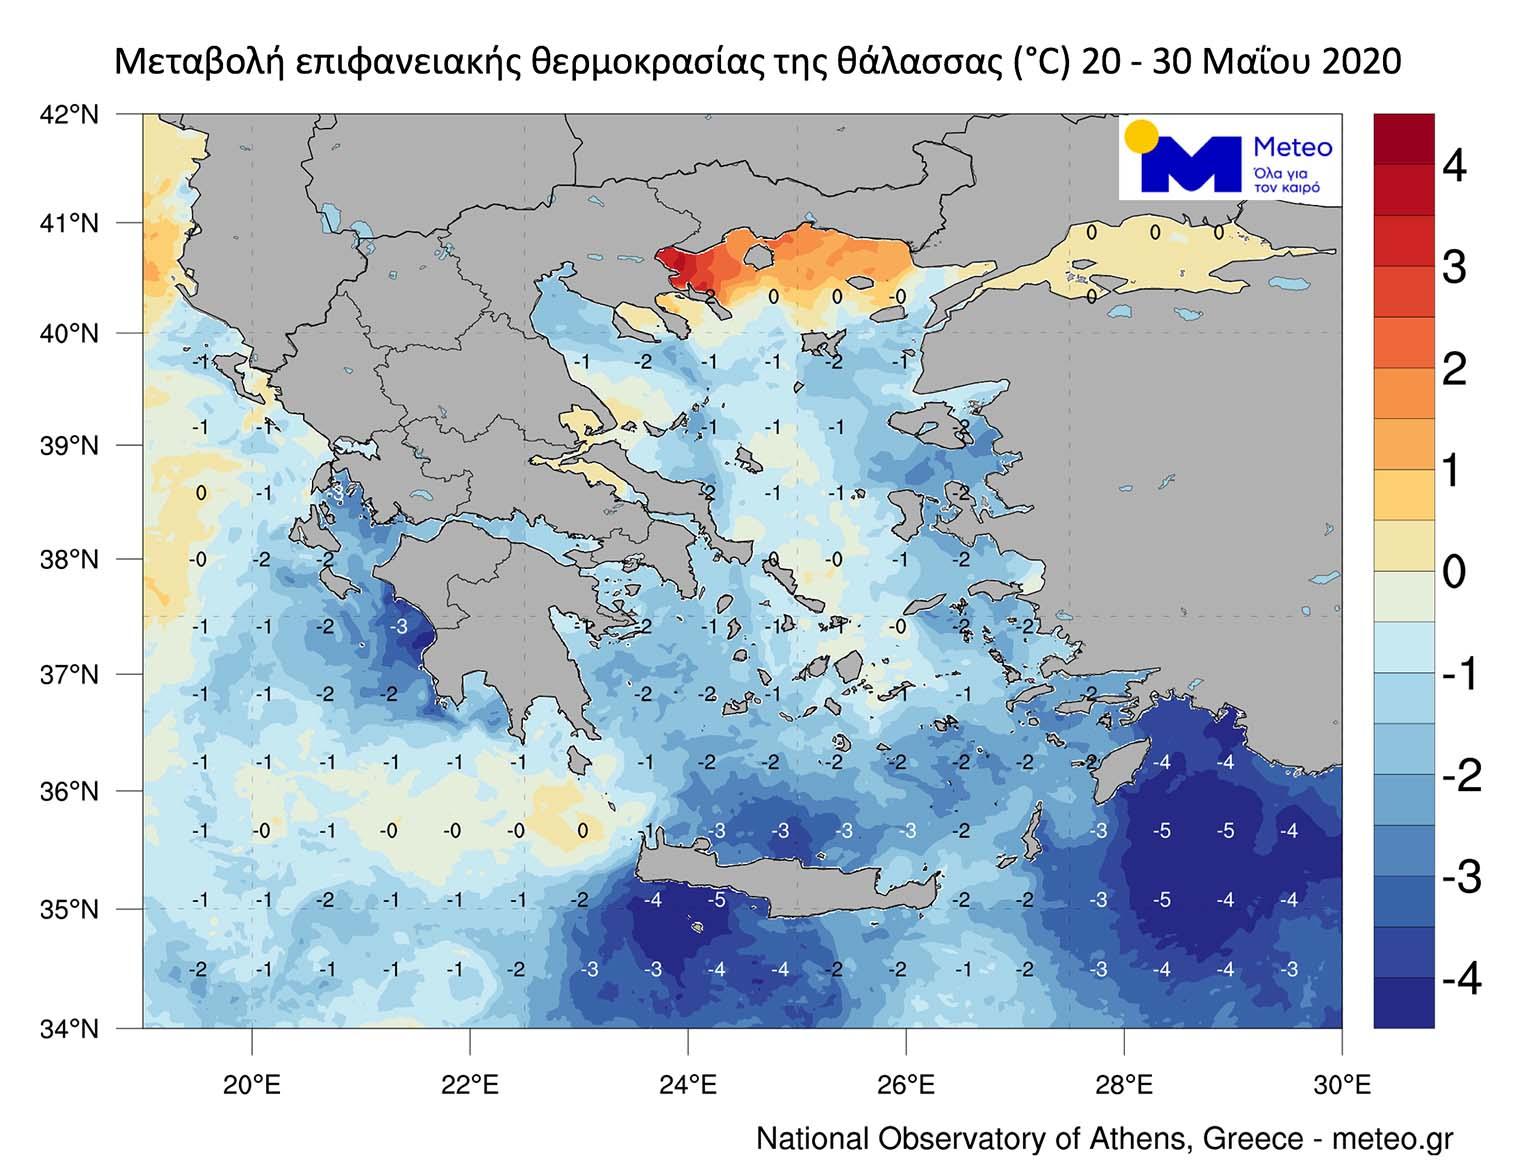 Σημαντική μείωση της επιφανειακής θερμοκρασίας στις ελληνικές θάλασσες